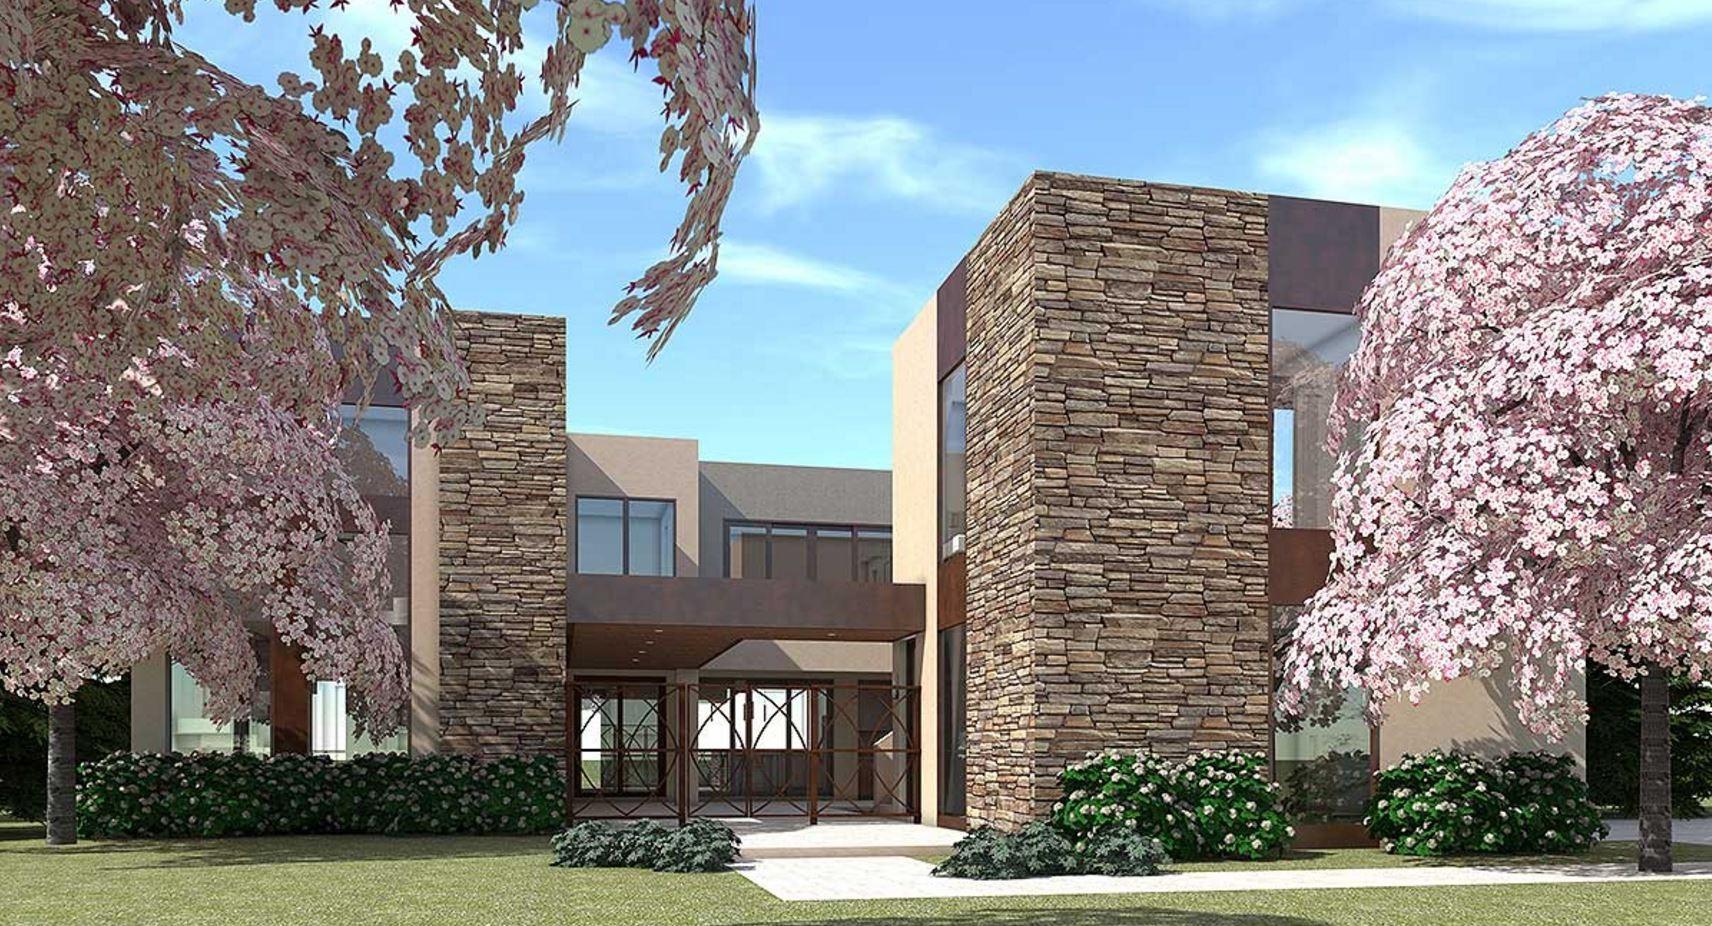 casa-parcialmente-revestida-en-piedra-de-3-pisos